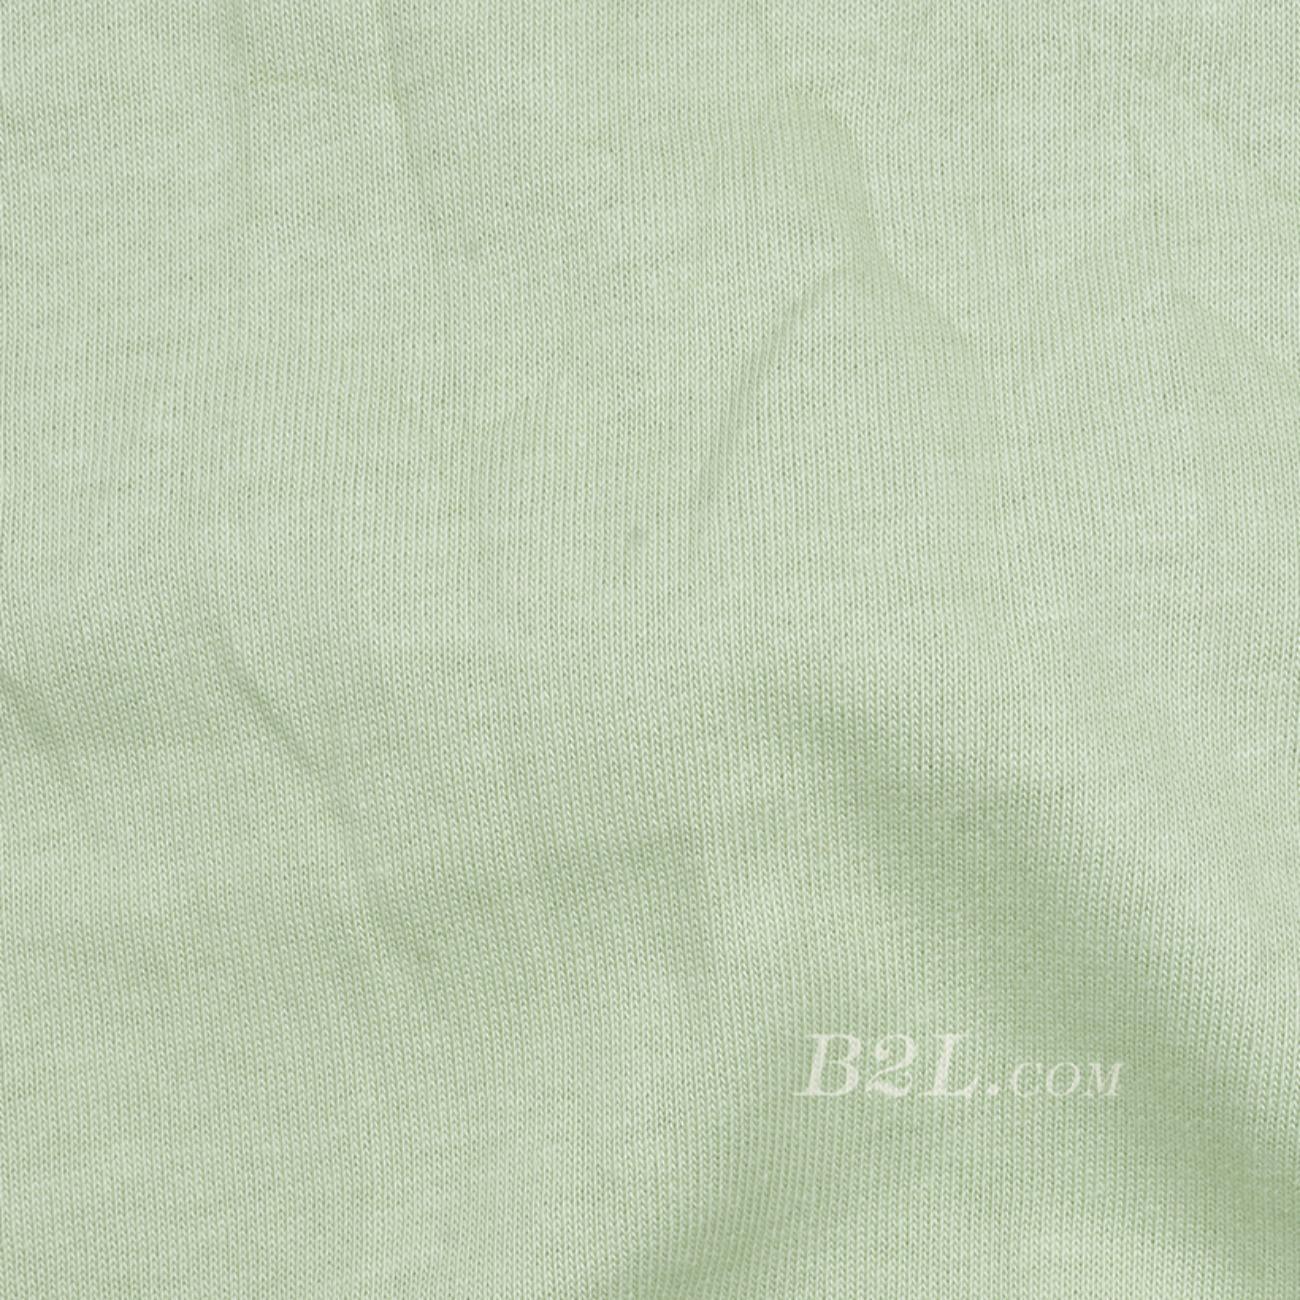 素色 针织 染色 低弹 春秋 连衣裙 时装 90306-25